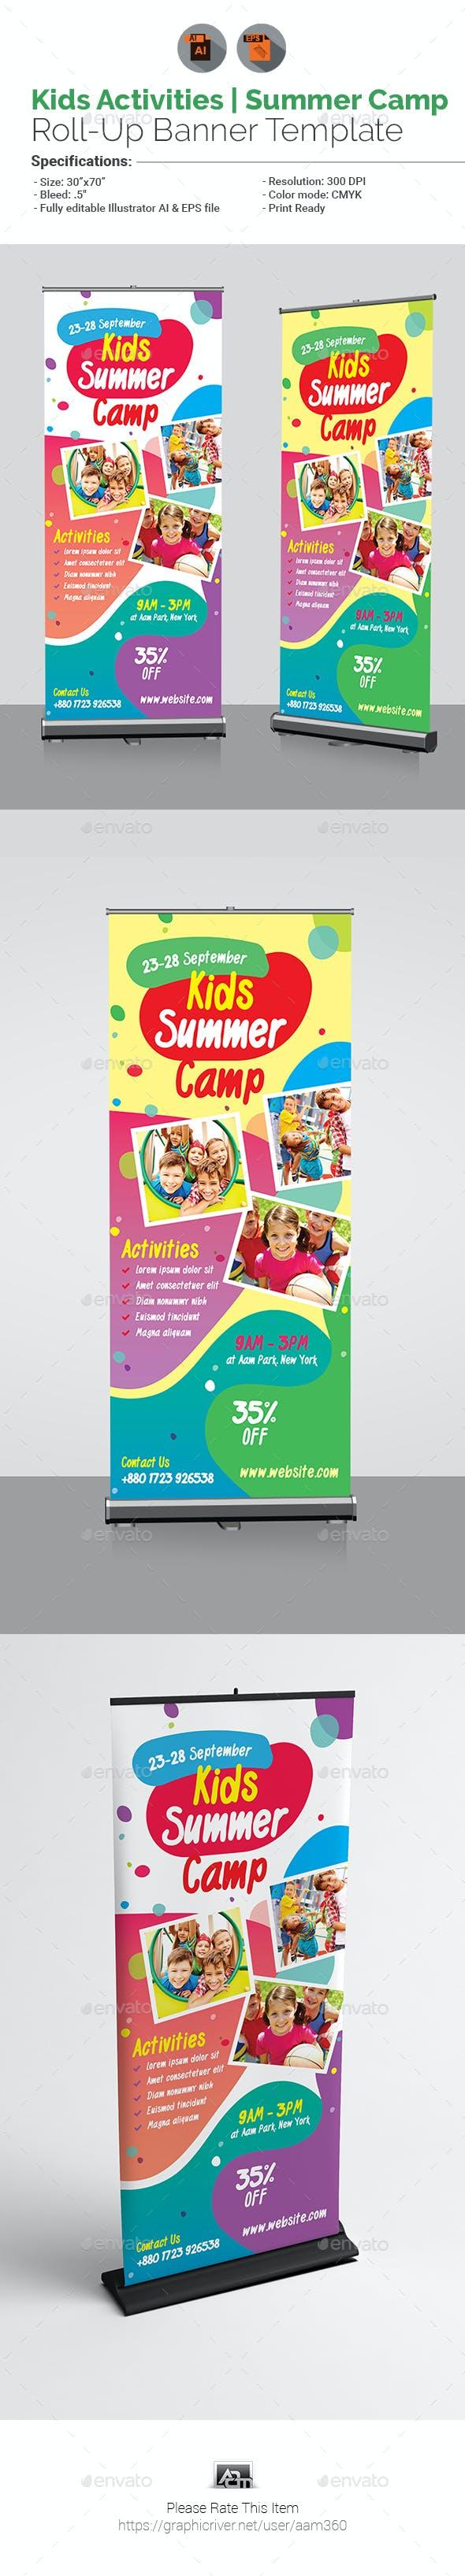 Kids Activities | Kids Summer Camp Roll-Up